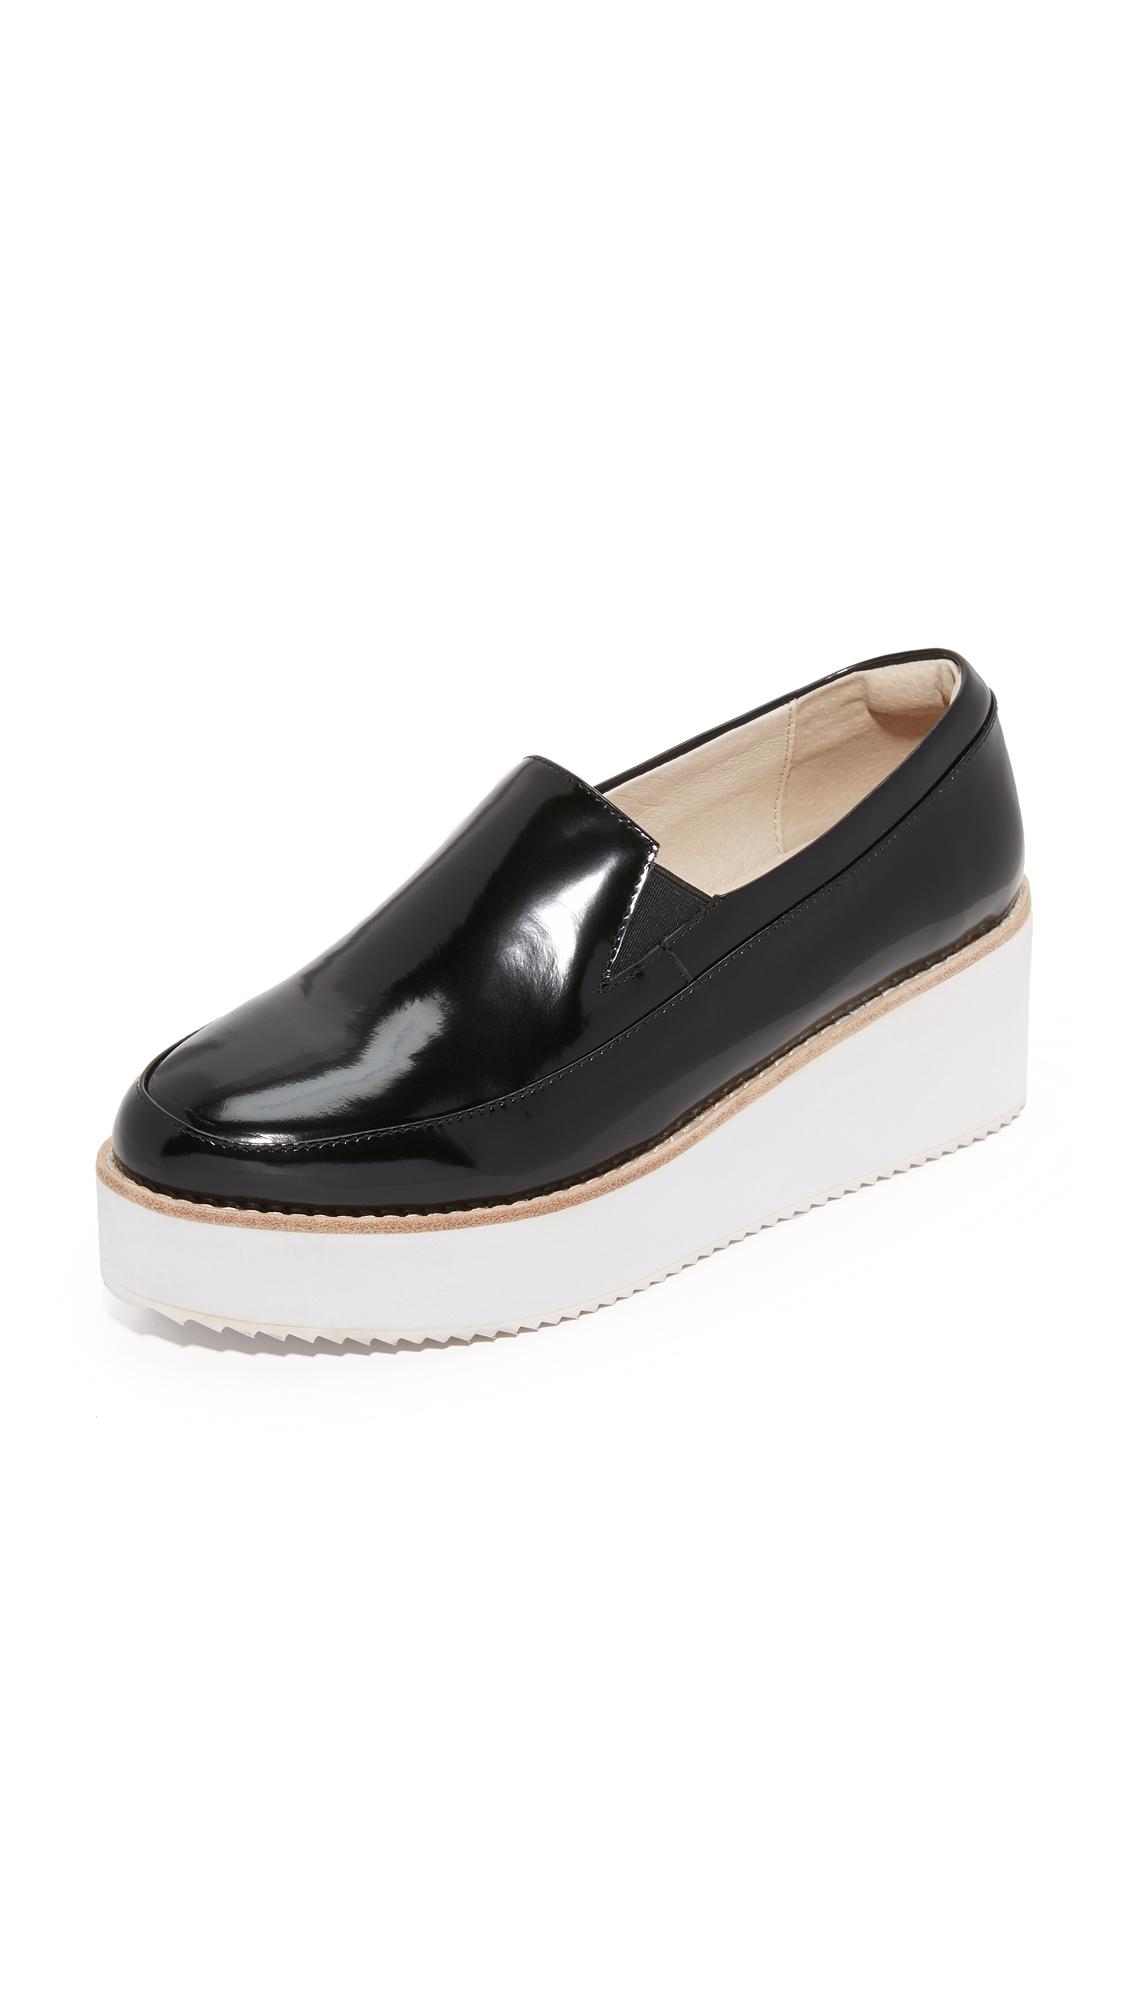 sol sana female sol sana tabbie loafers black